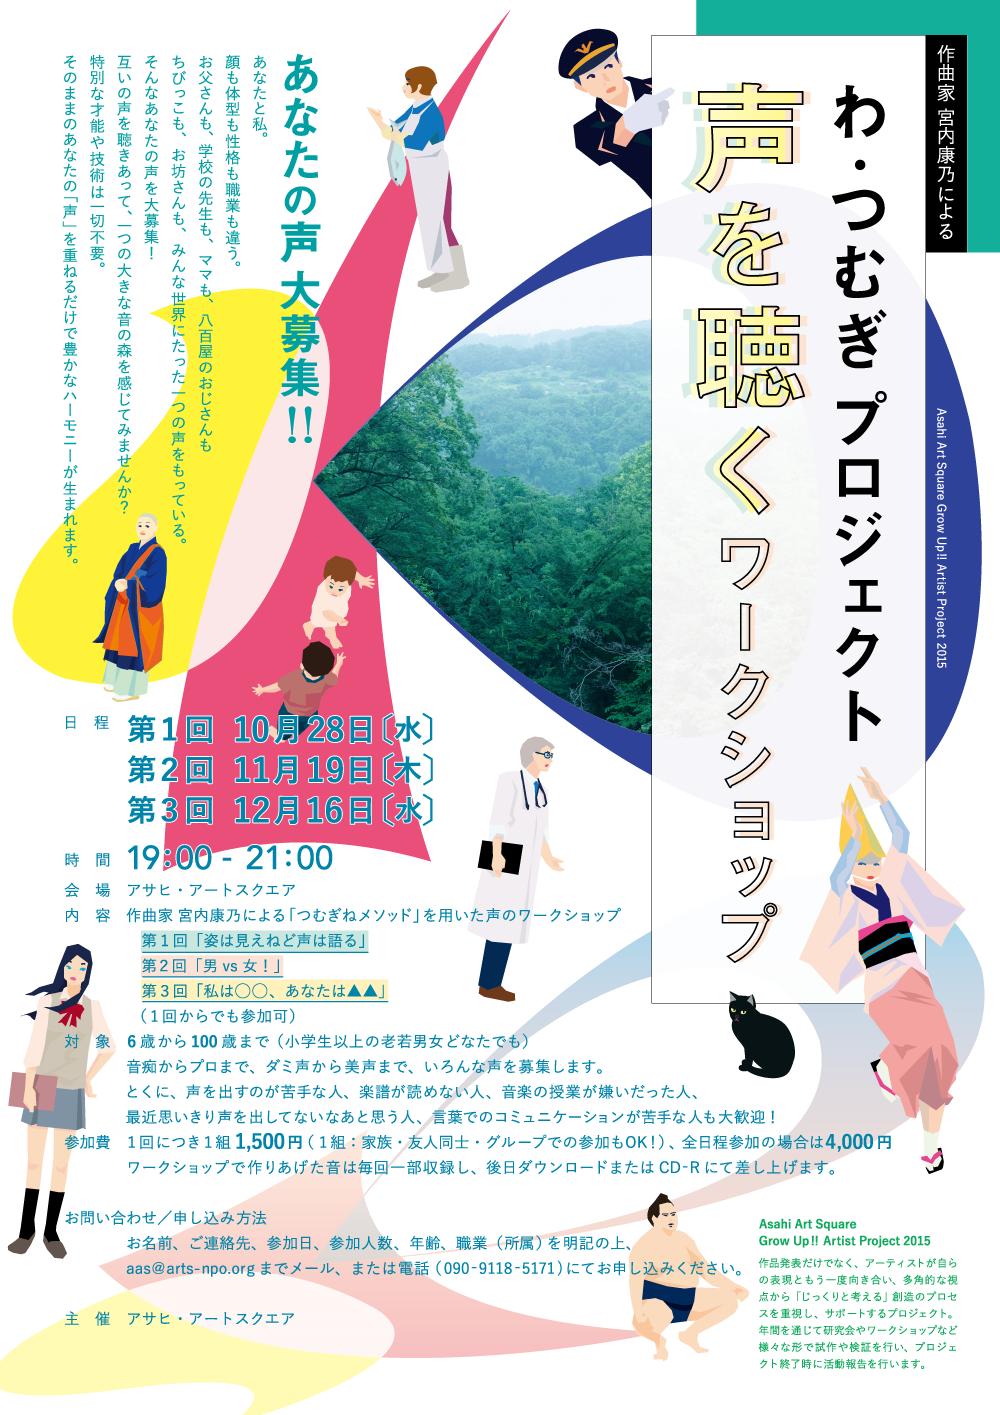 AAS_GUAP2015_wa_tsumugi_WS_omote_L